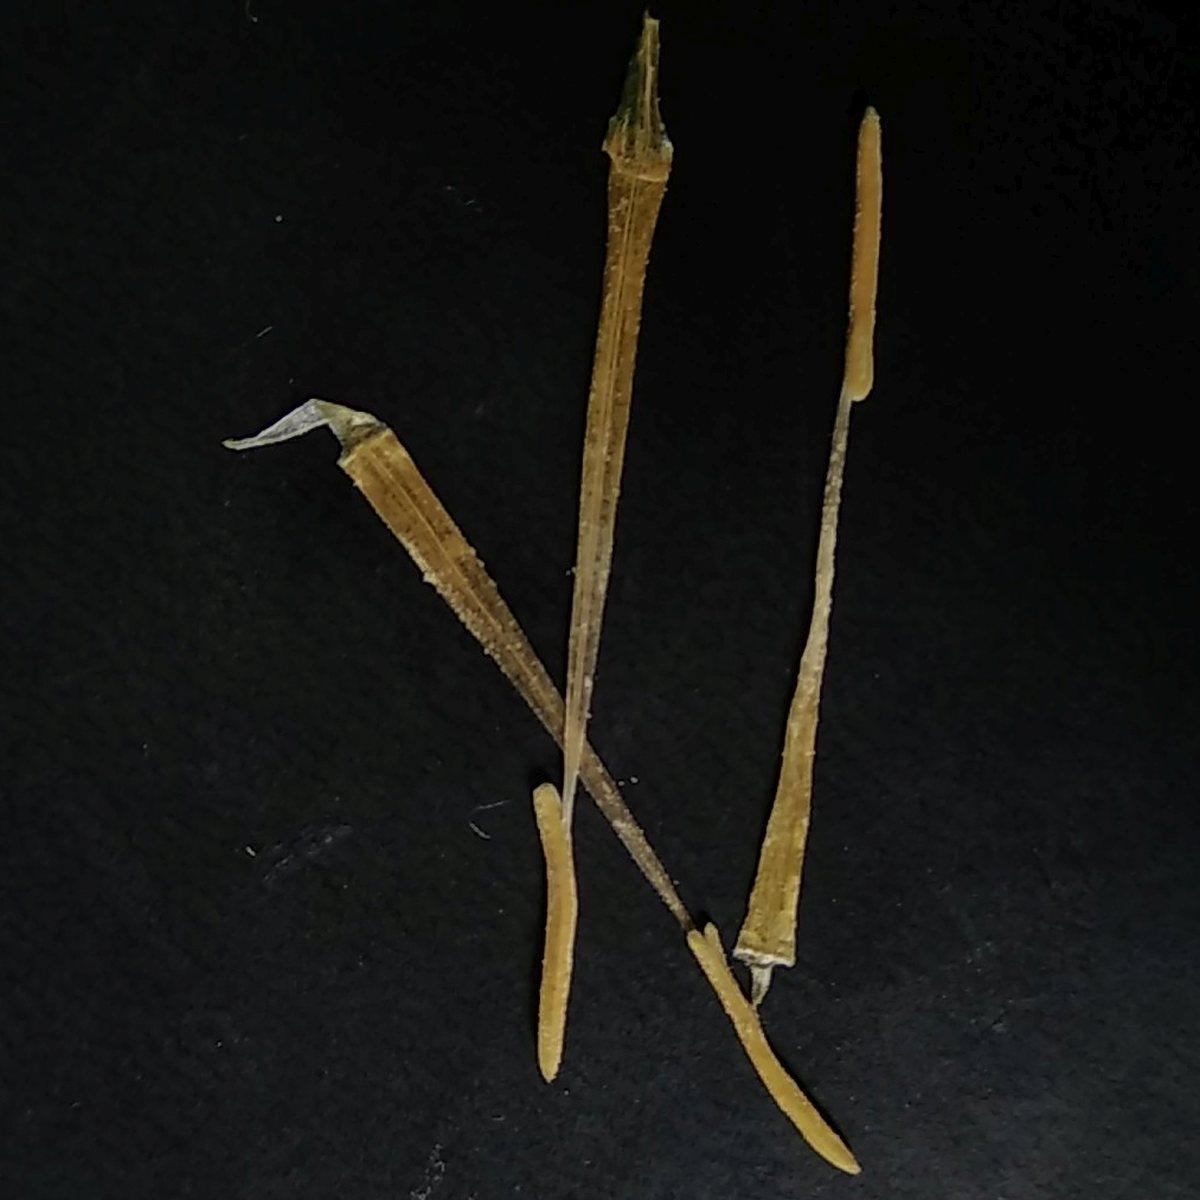 Baklja, prosti prst i bambus